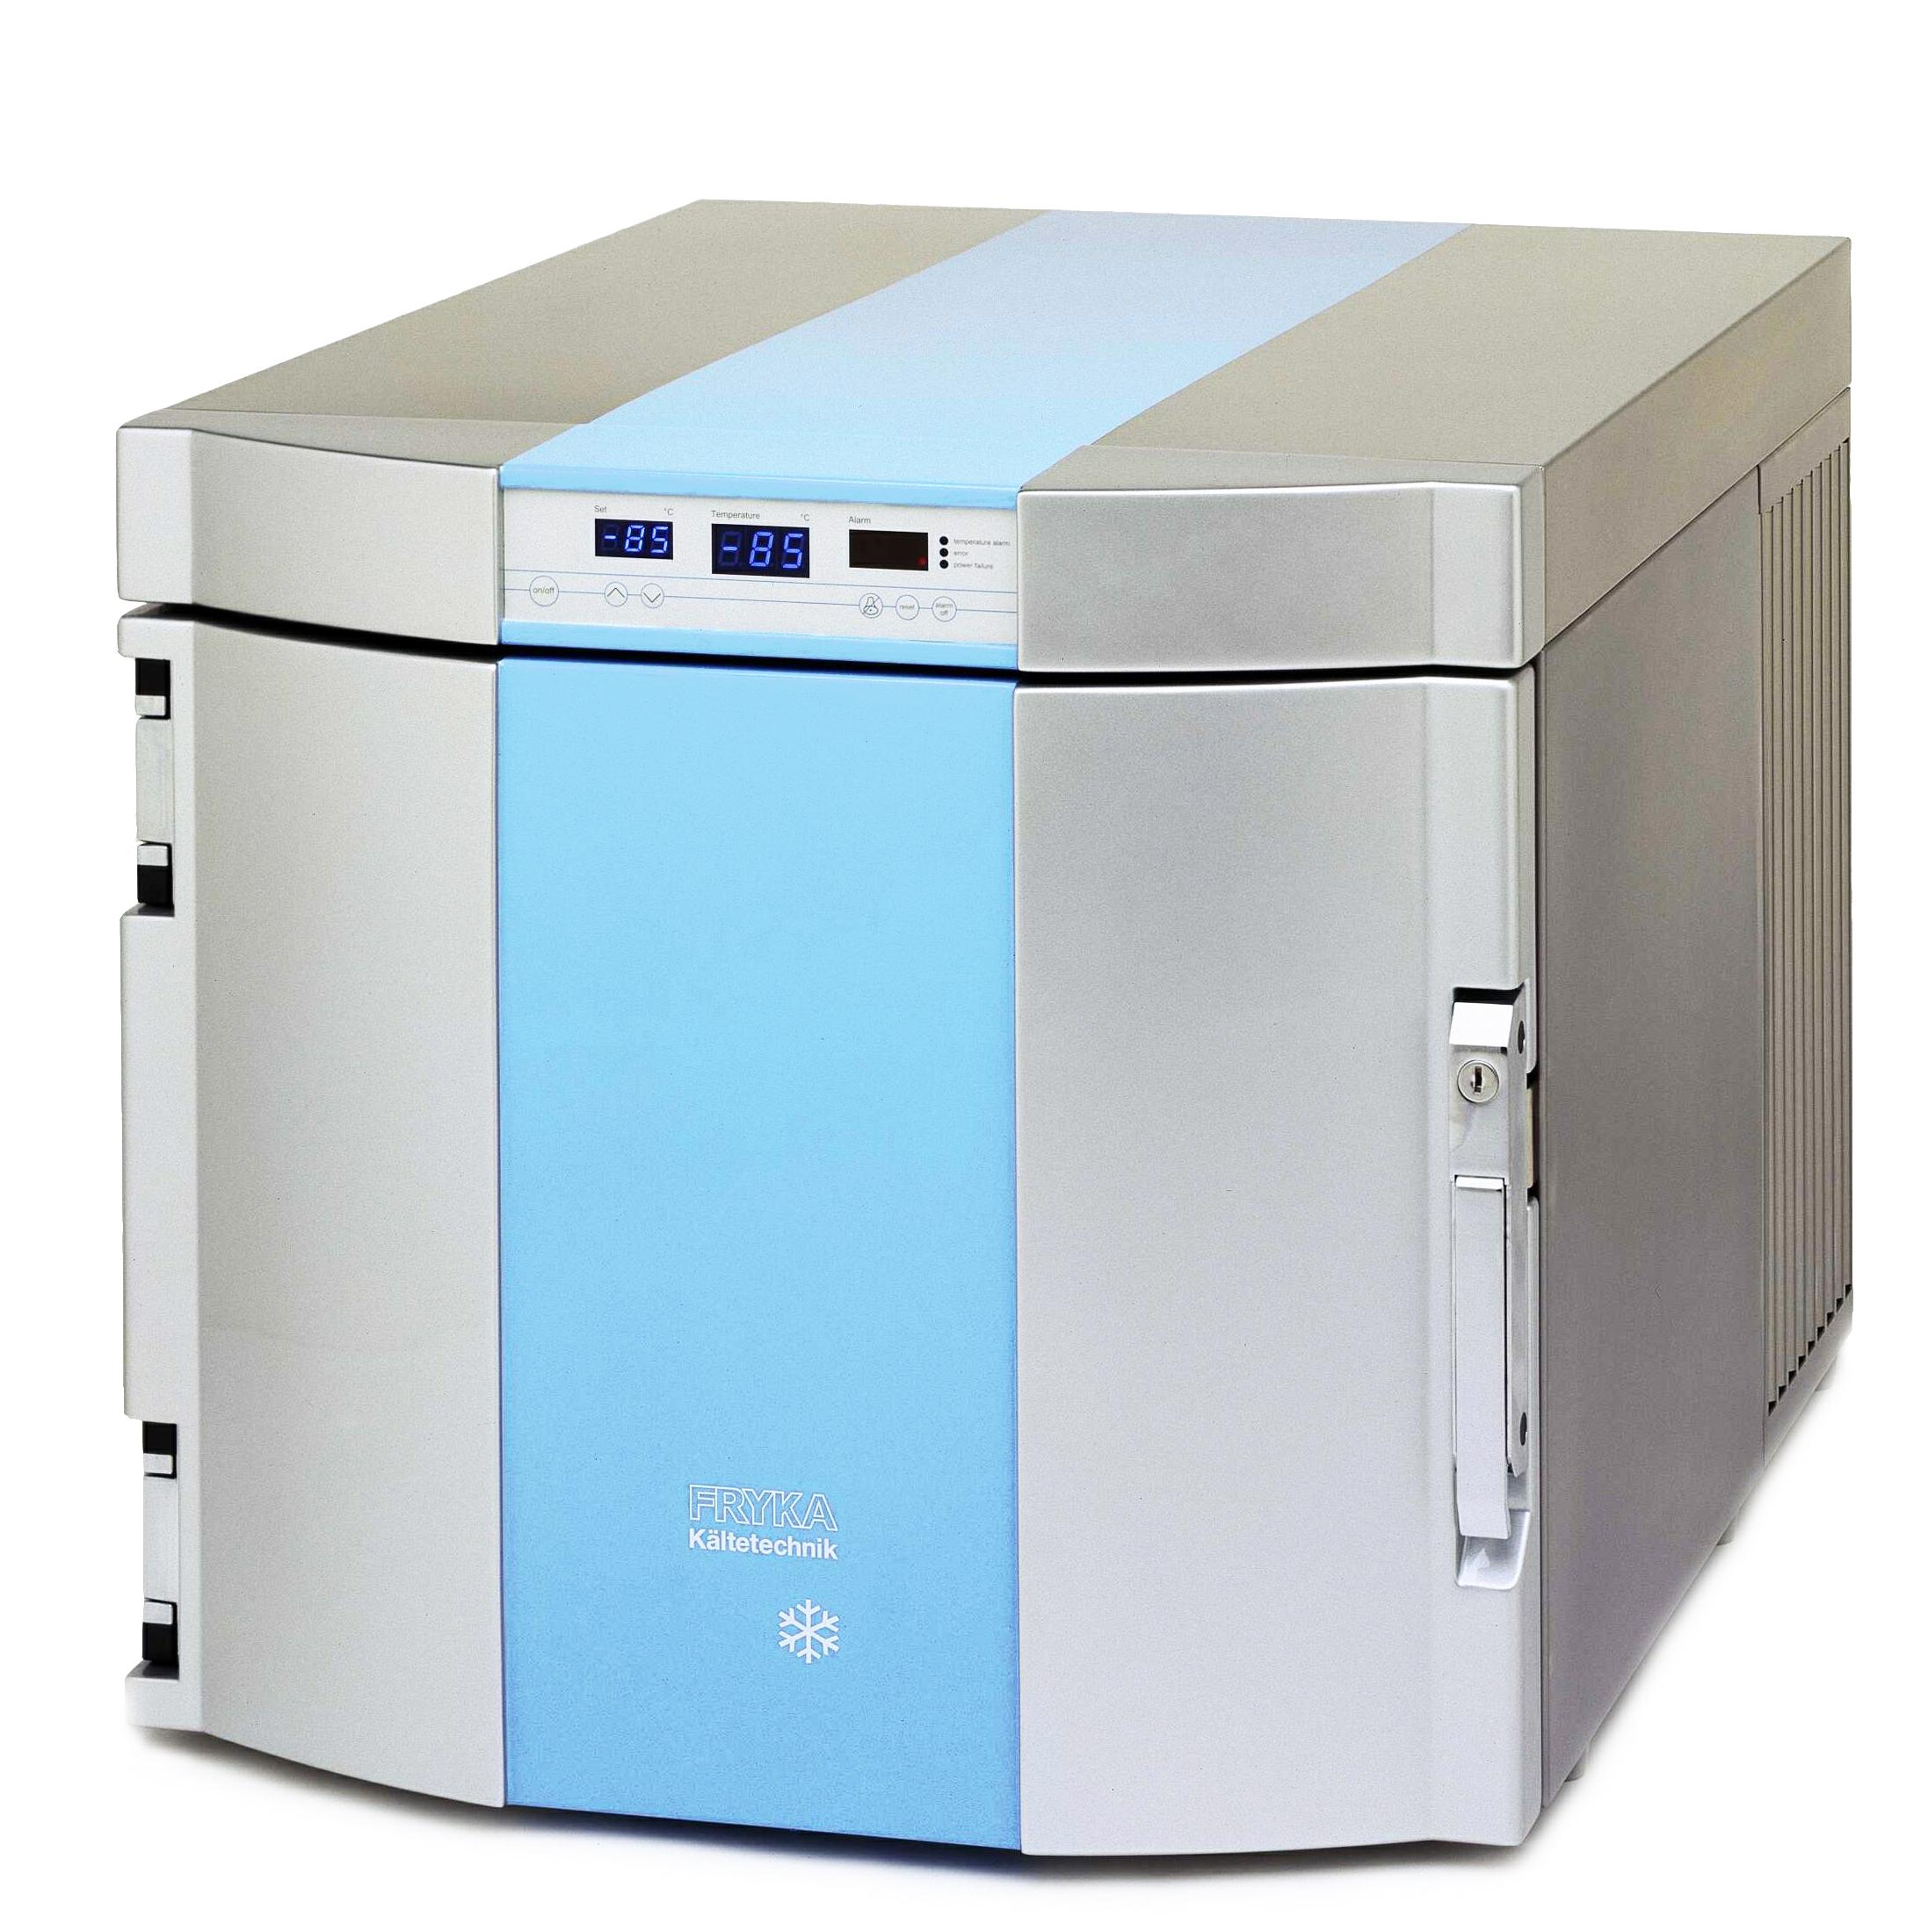 FRYKA Tiefkühlbox B 35-85 (-50°C bis -85°C)